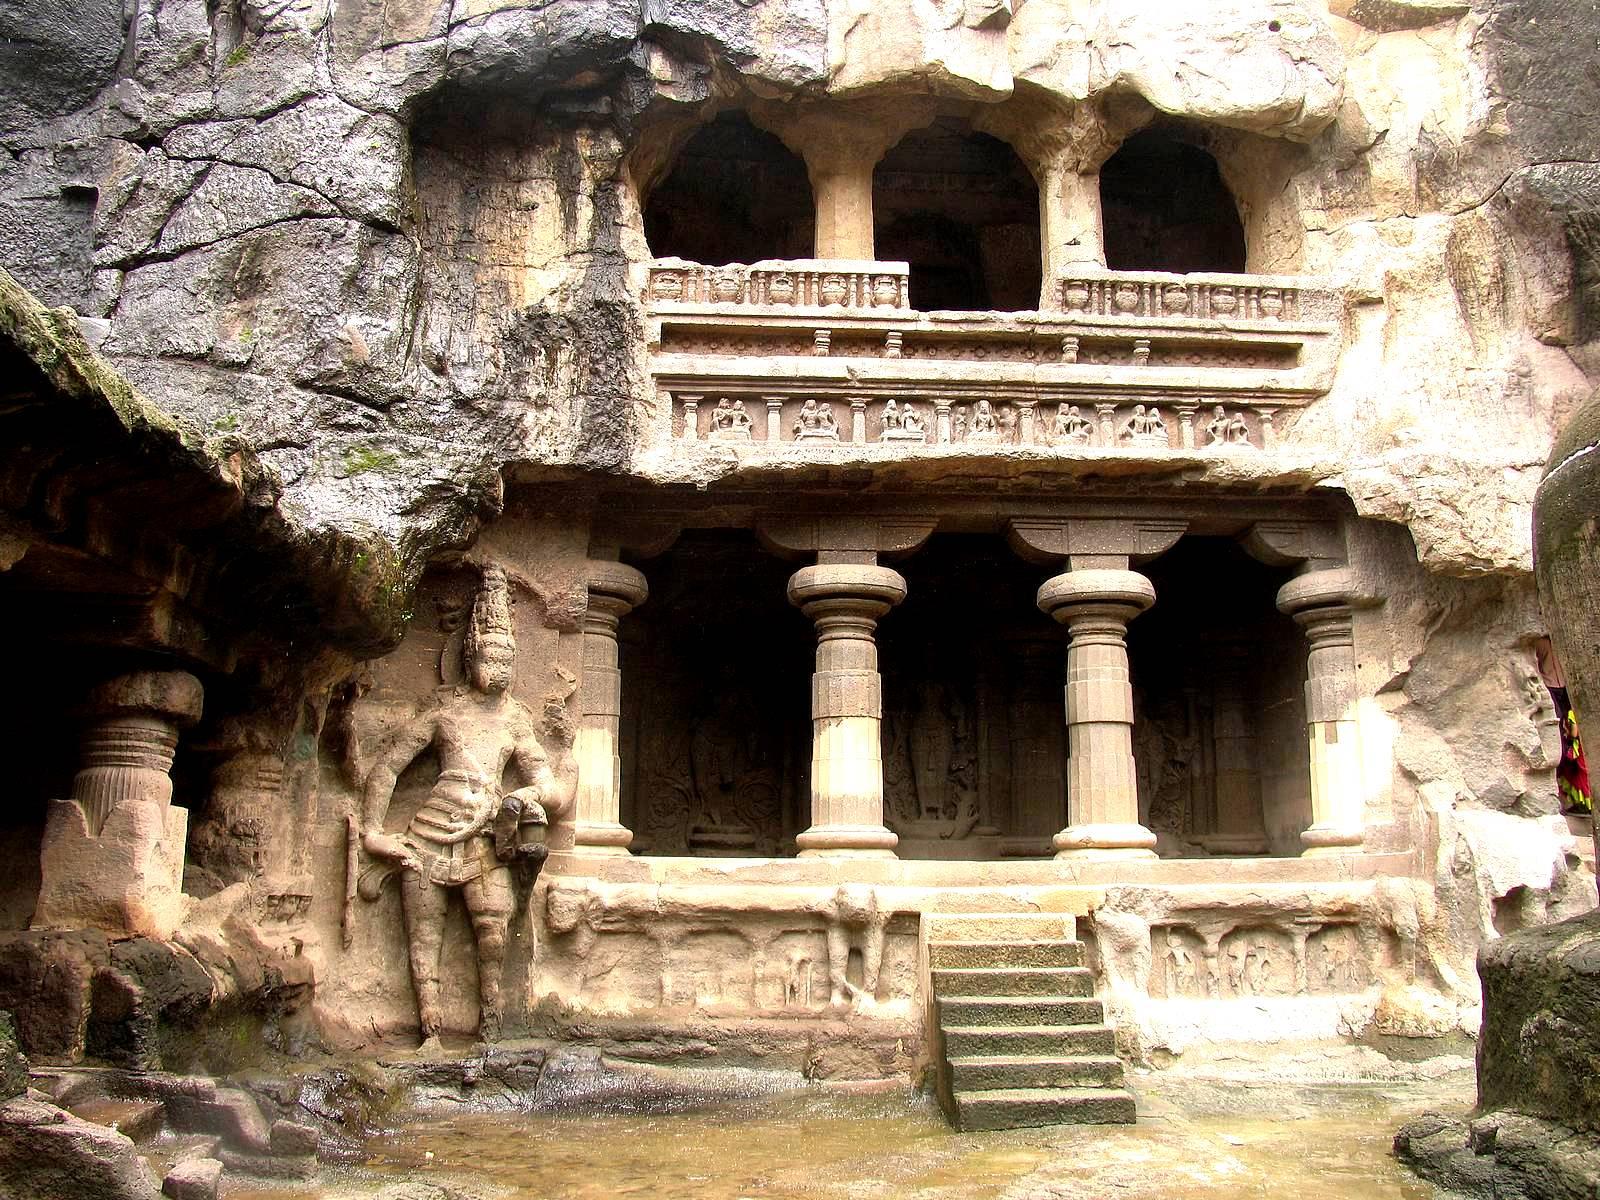 индуистский трехэтажный храм